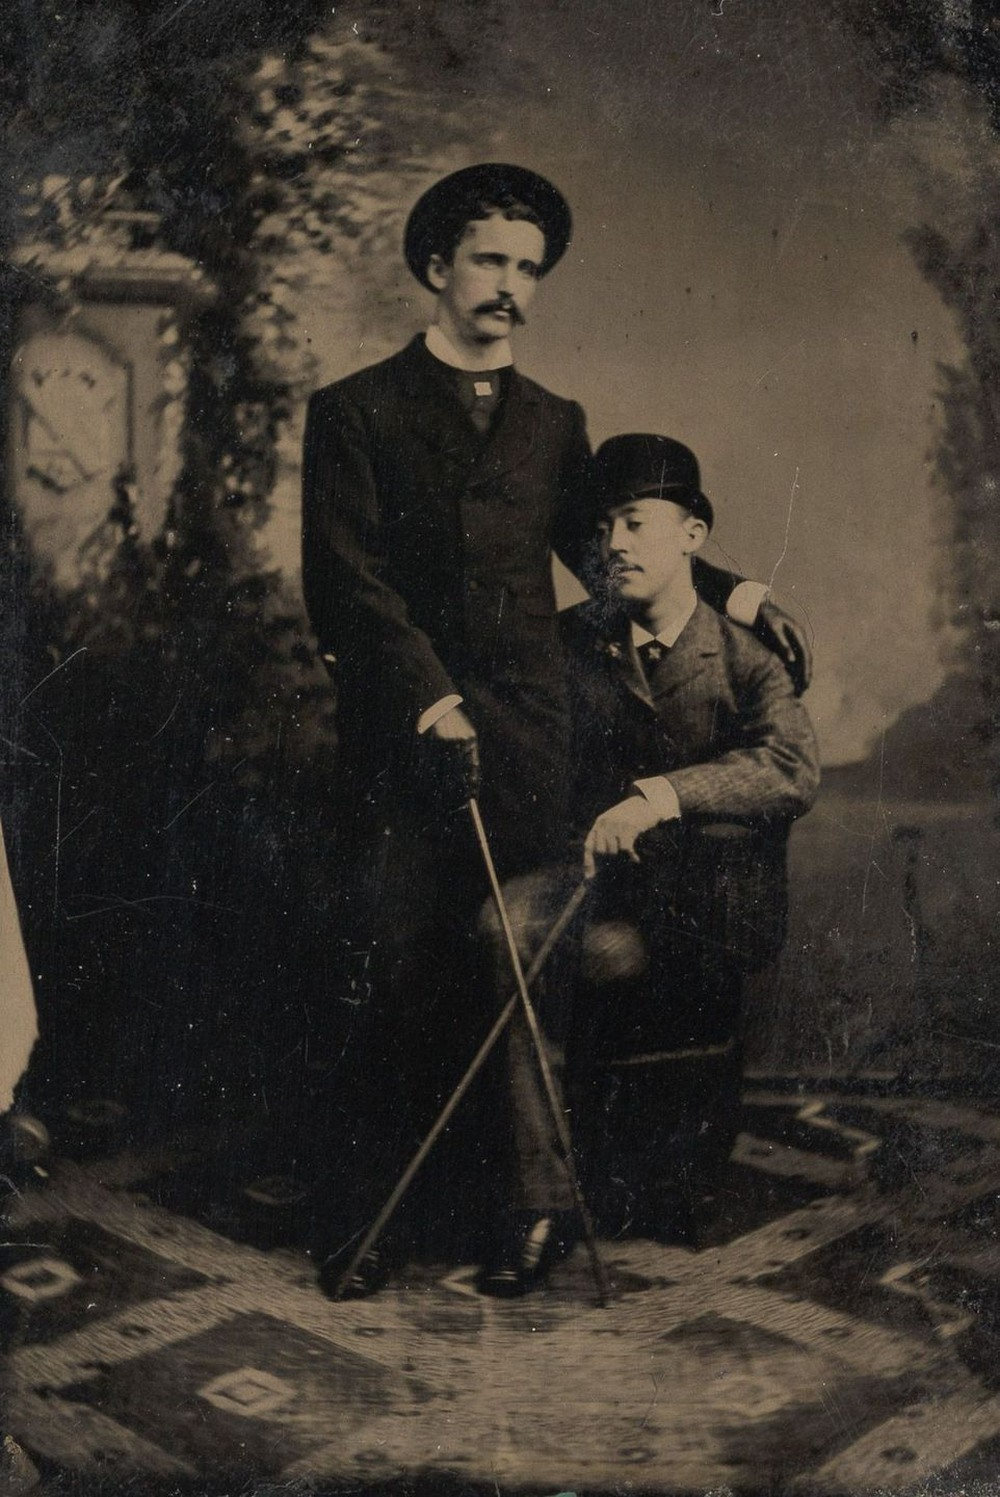 Броманс в викторианскую эпоху: интимные мужские объятия в редких фотографиях конца 1800-х годов  3